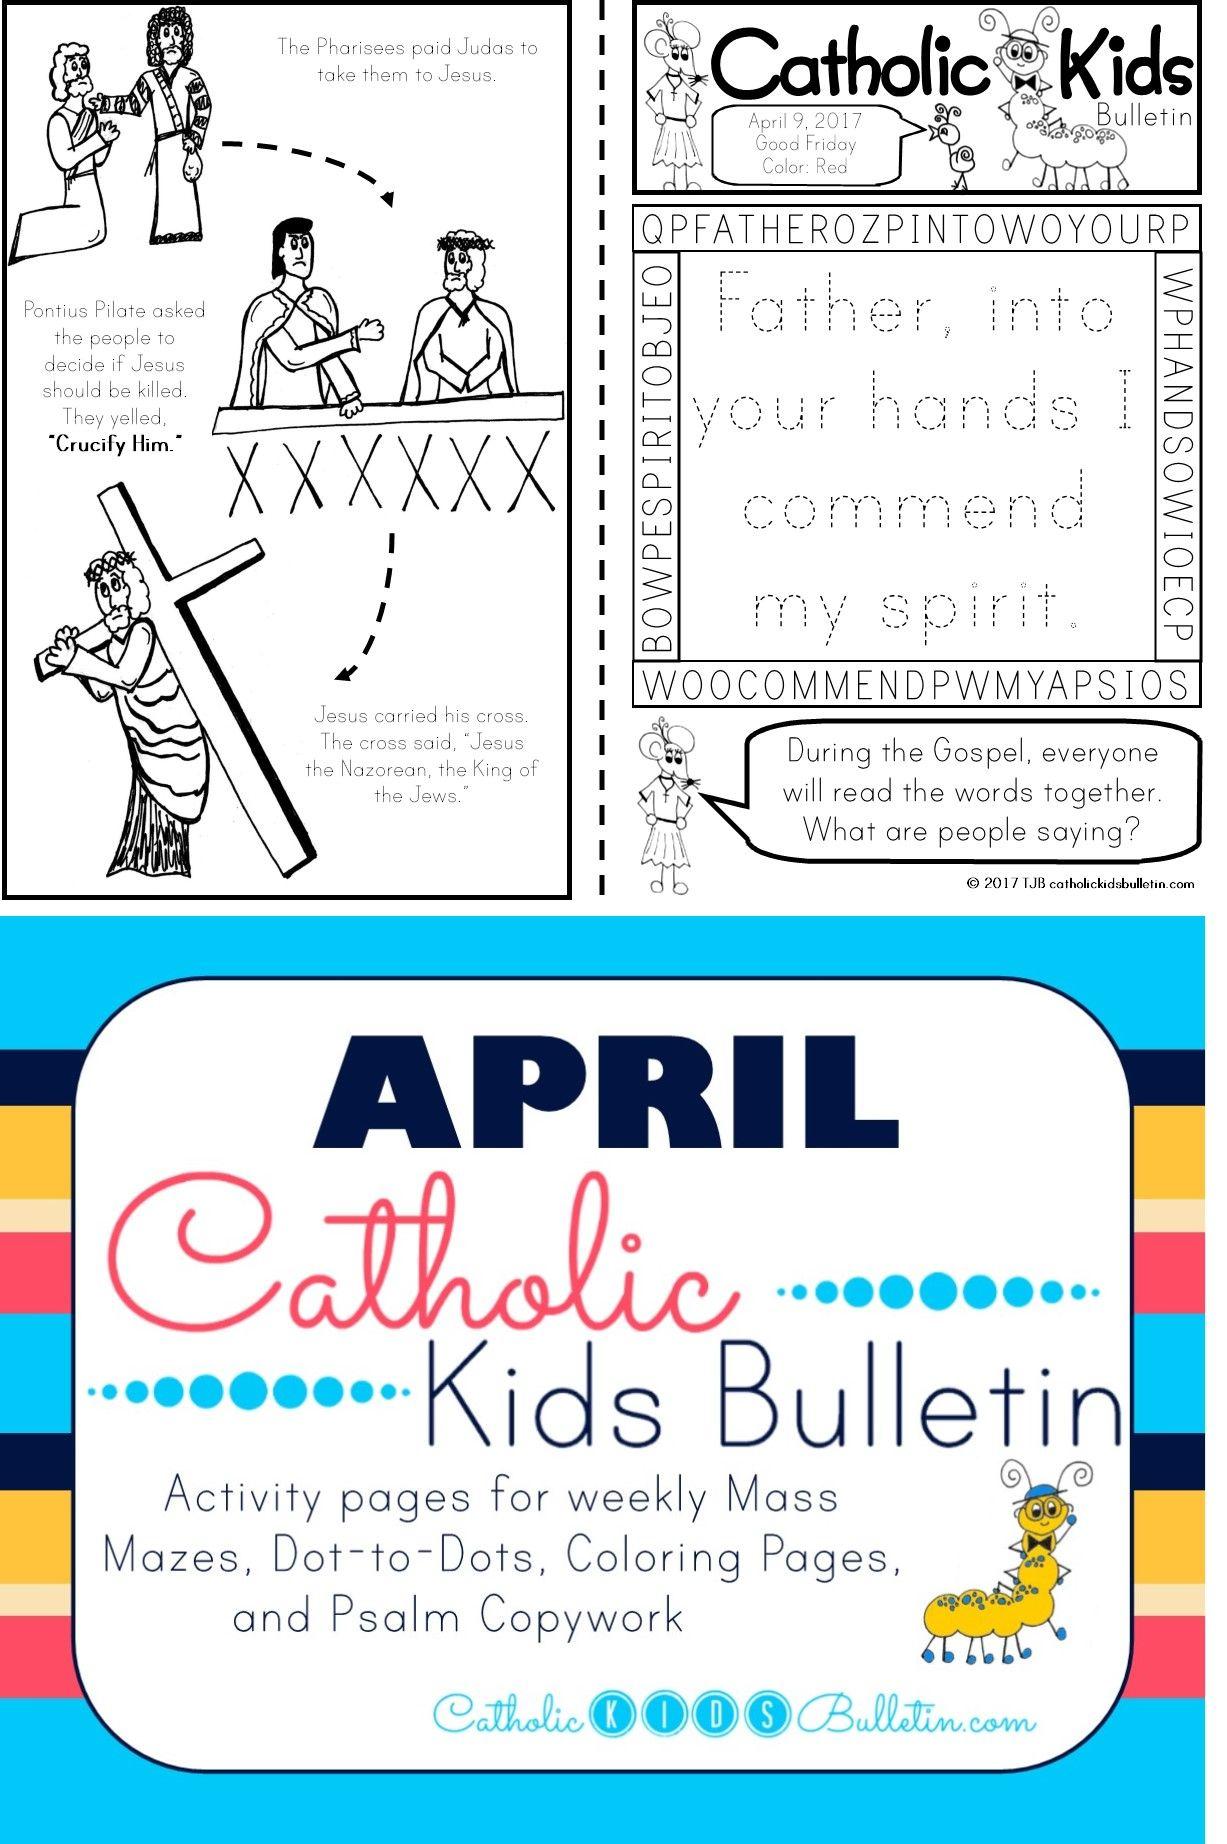 April Catholic Kids Bulletin